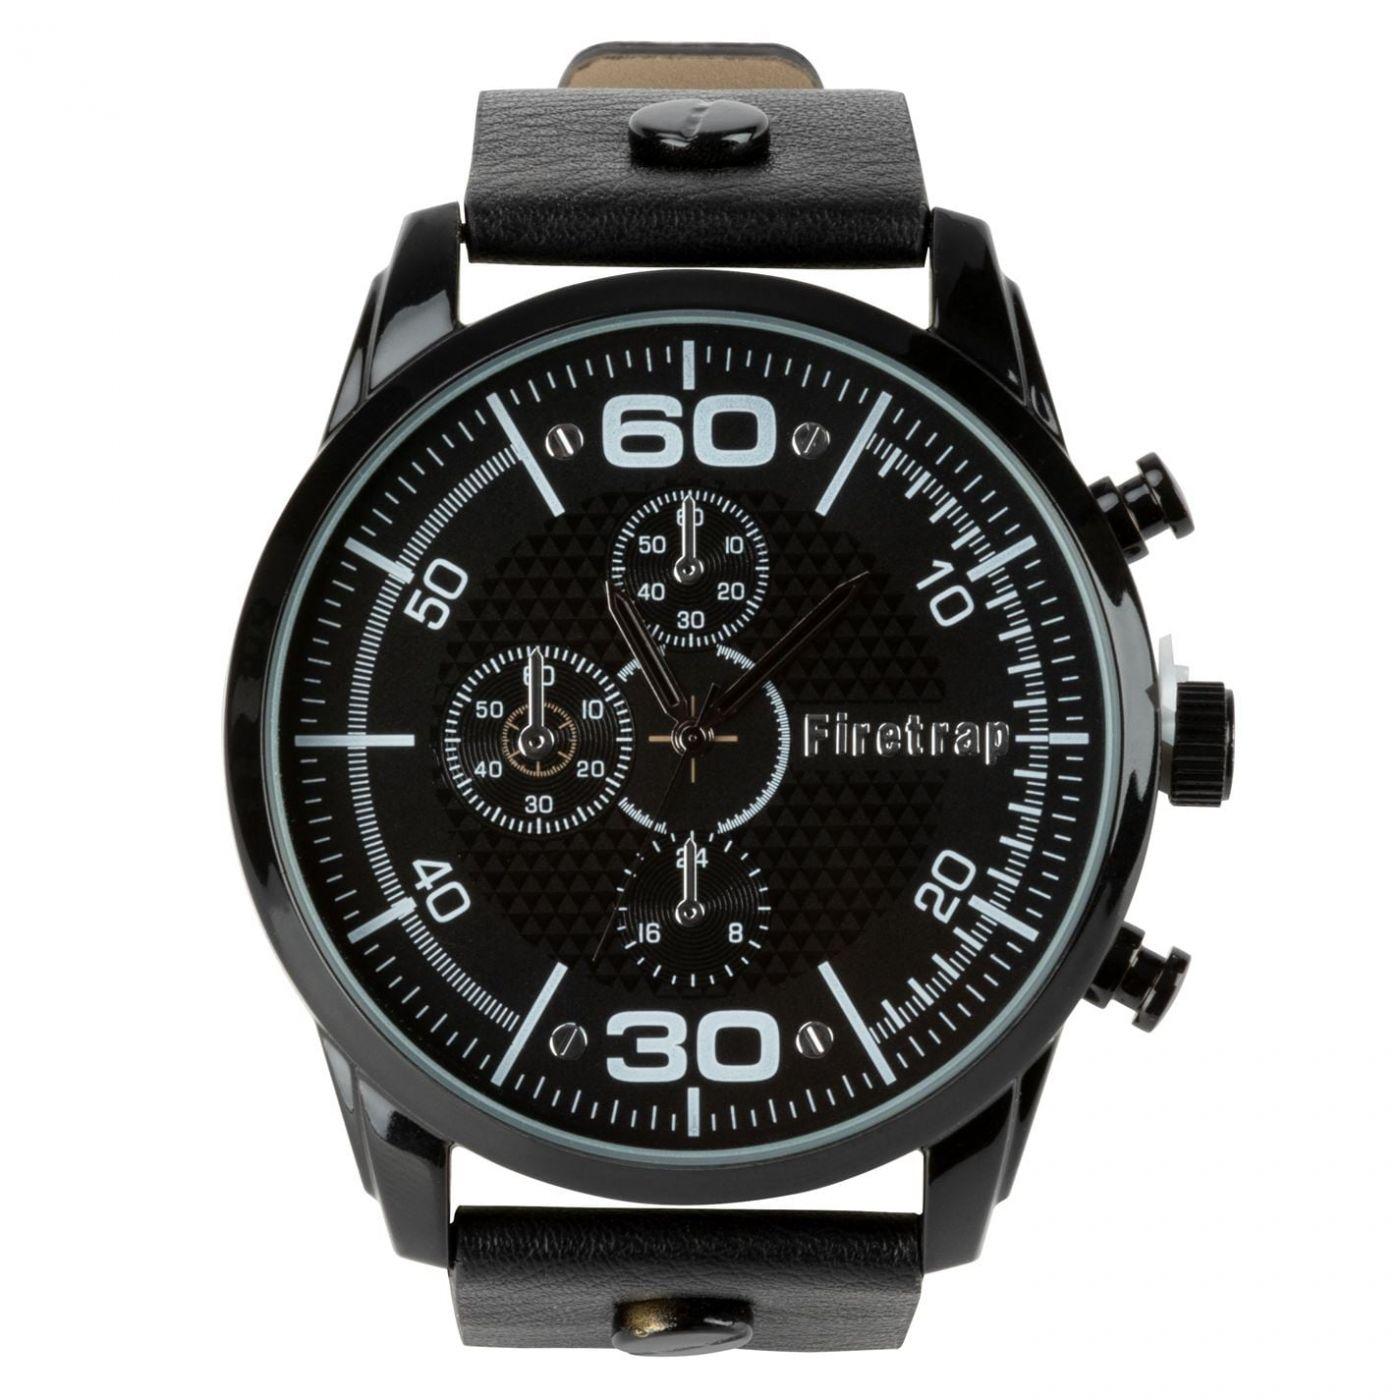 Crafted Essentials OvS Watch Sn02